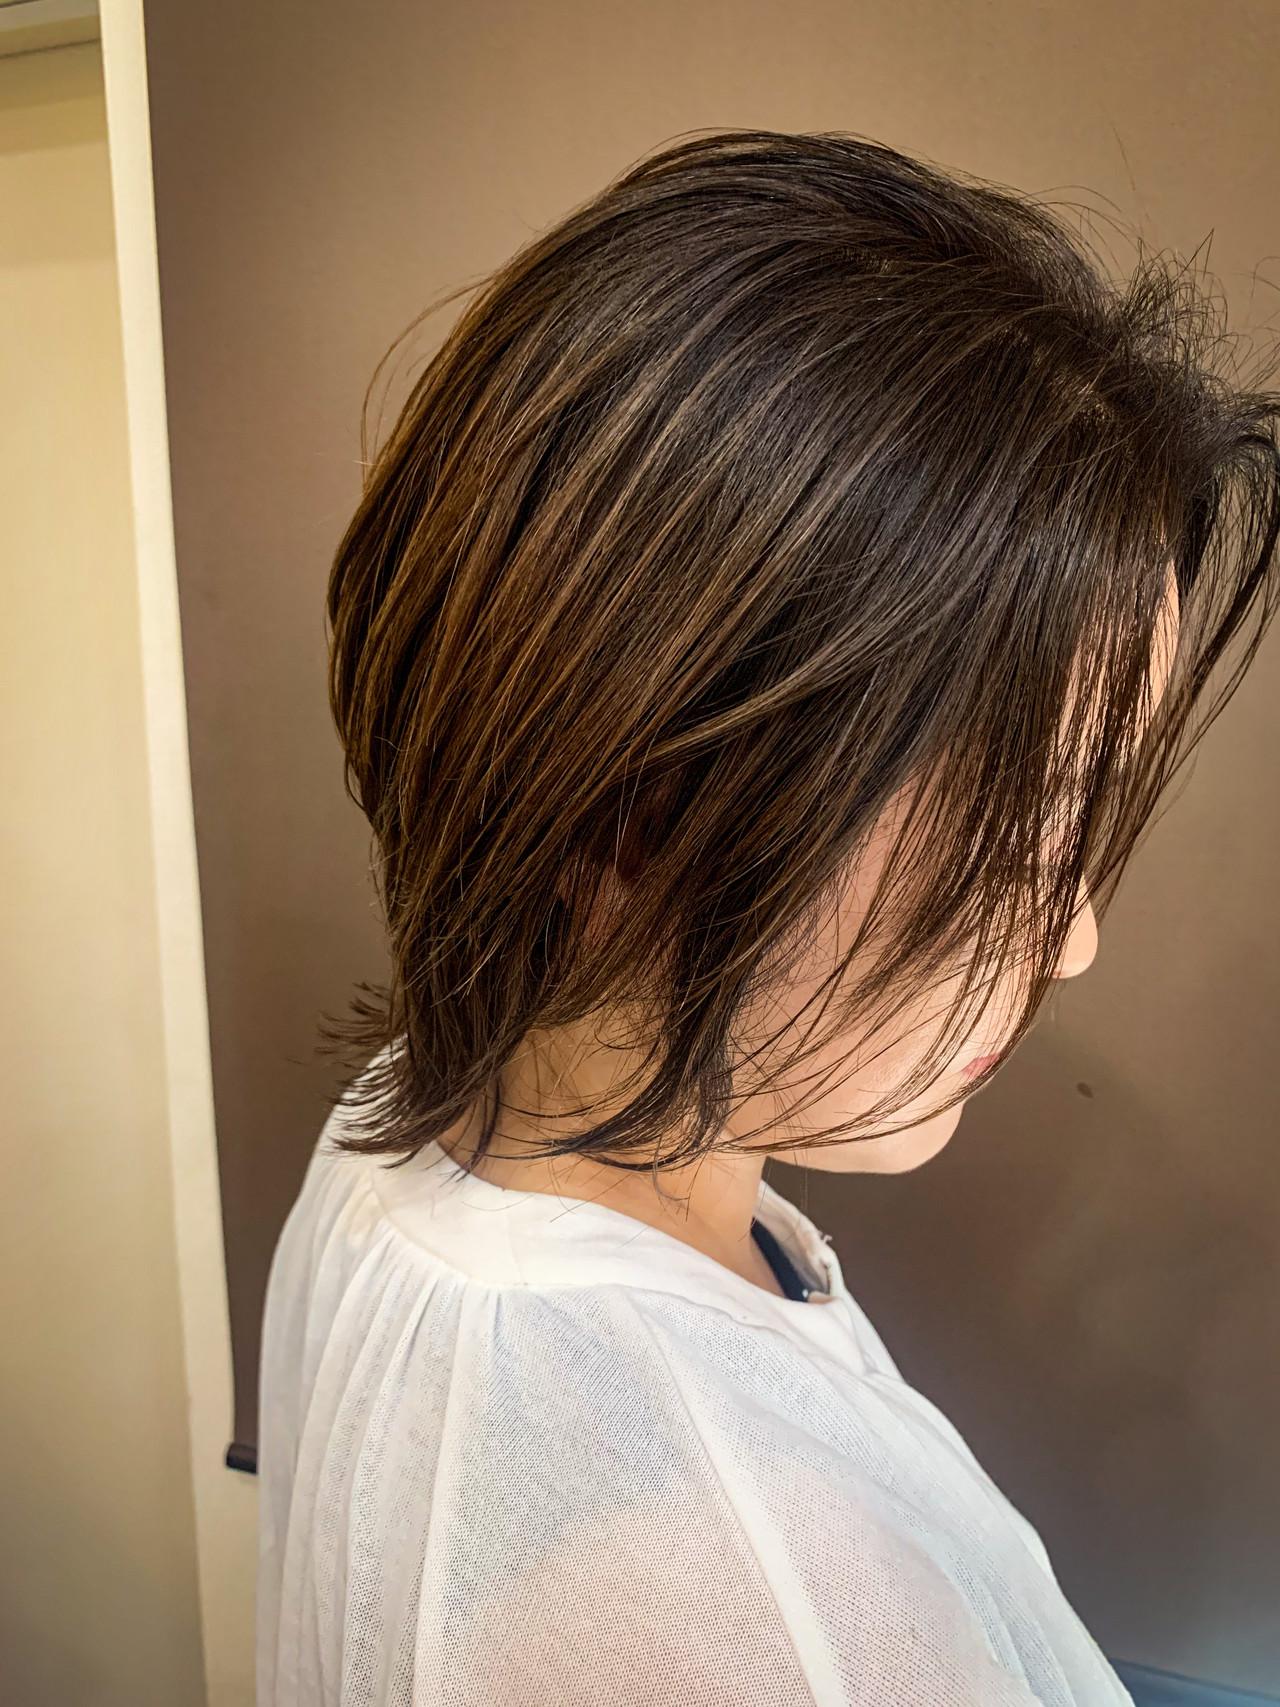 アンニュイ ミディアム 外ハネ ナチュラル ヘアスタイルや髪型の写真・画像 | 川崎雄三 / 株式会社 L